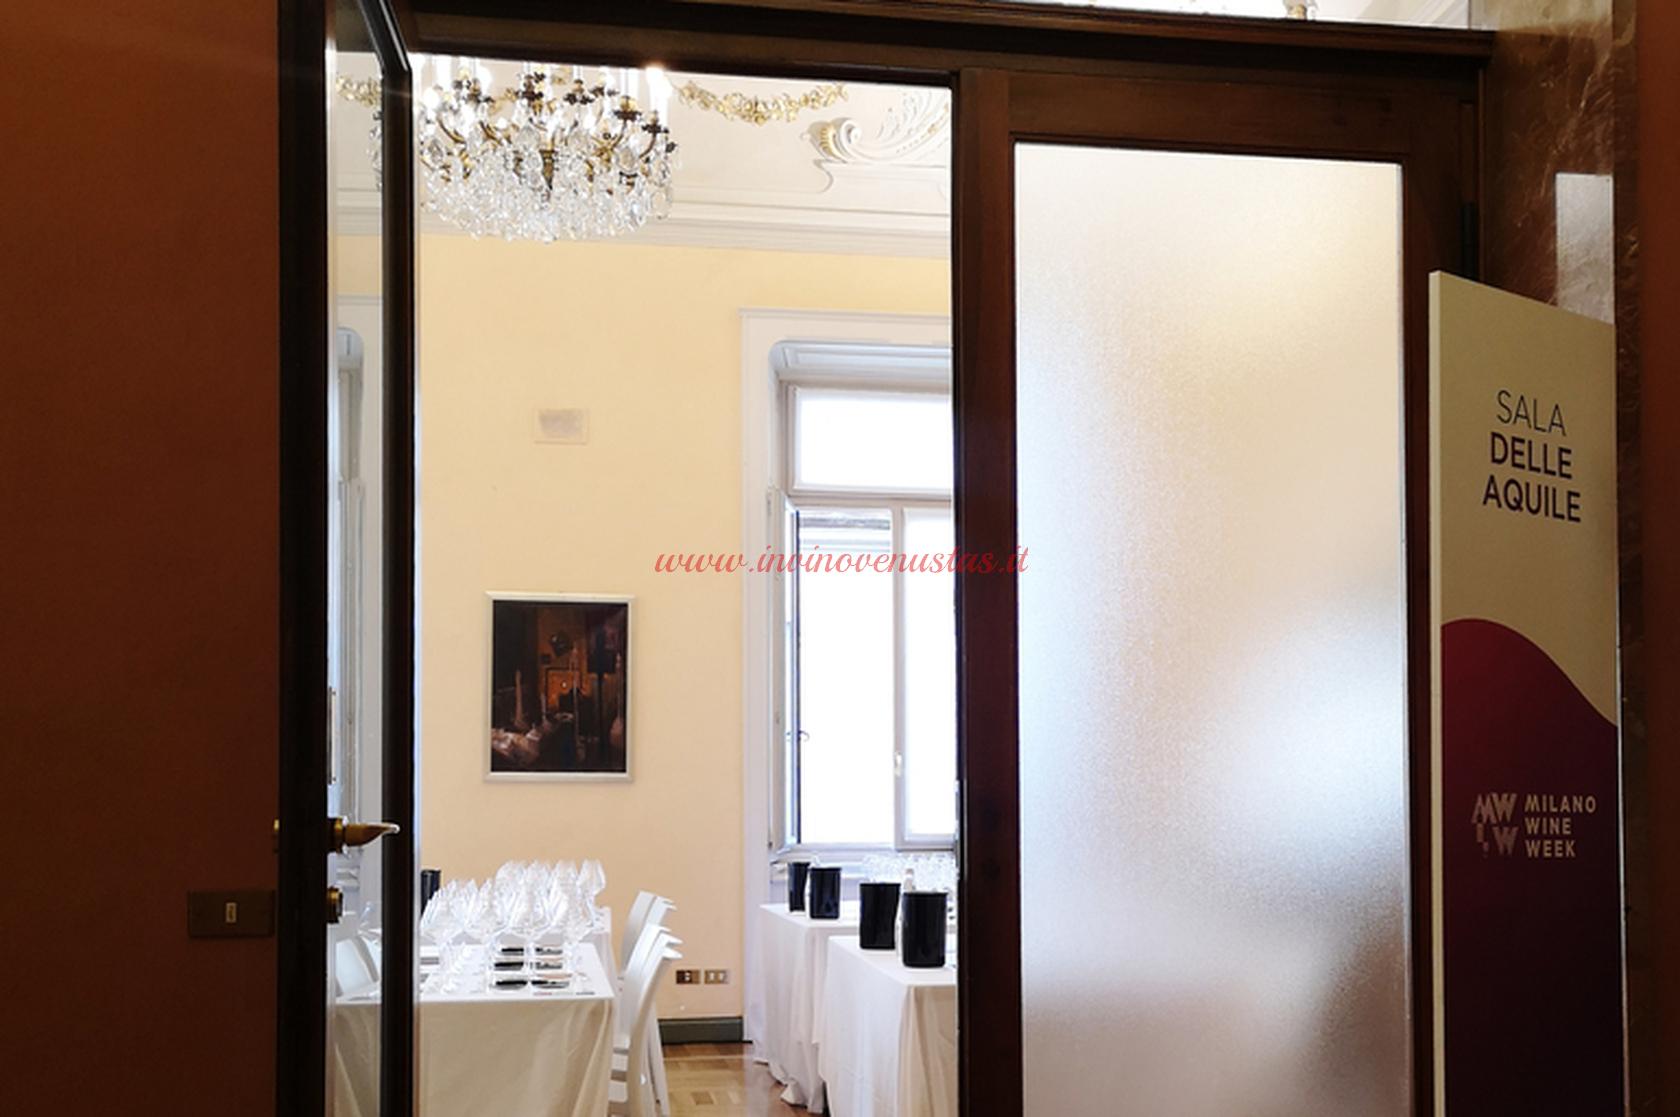 Sala delle Aquile Palazzo Bovara Milano Wine Week 2019